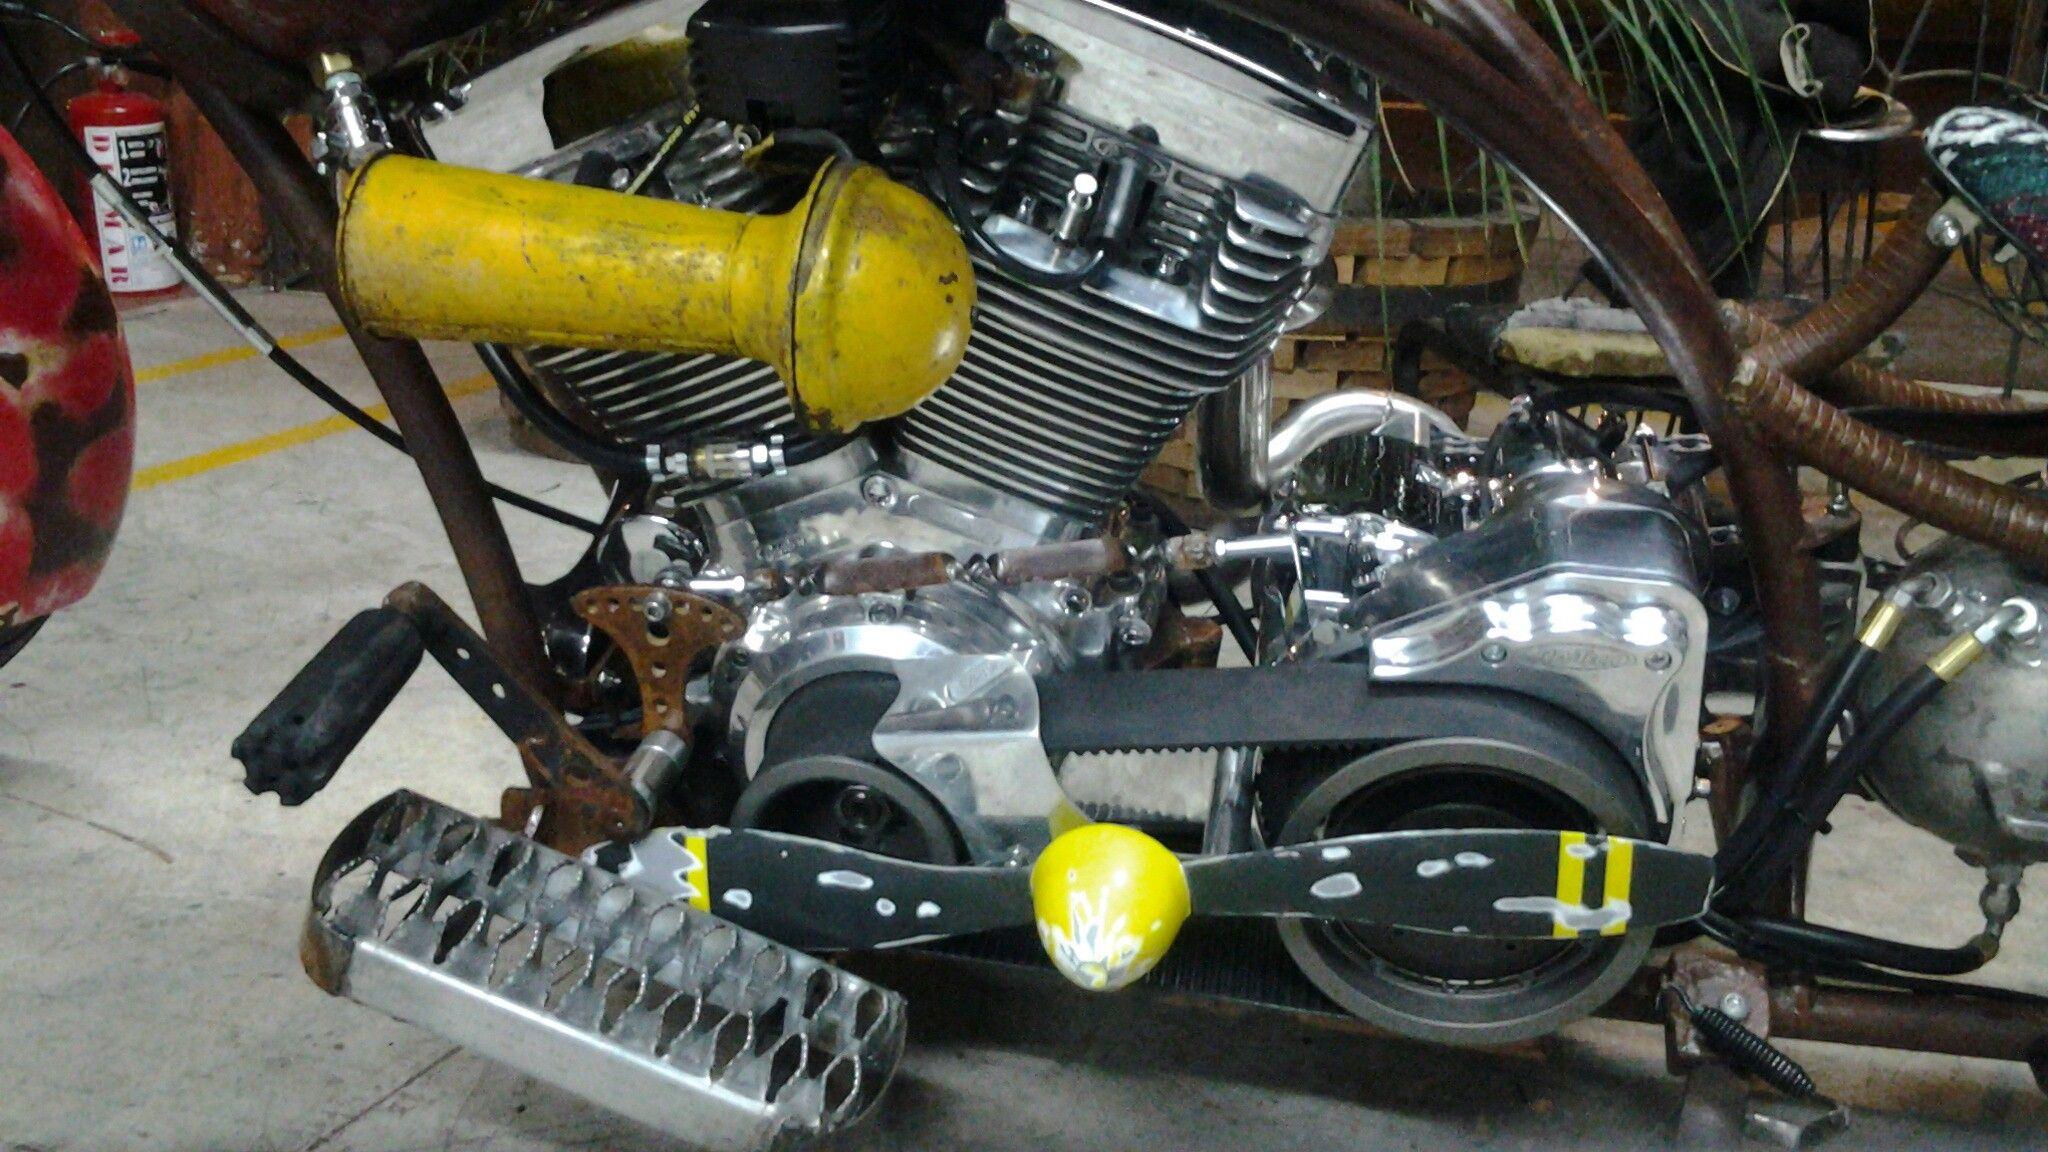 Rat bike engine